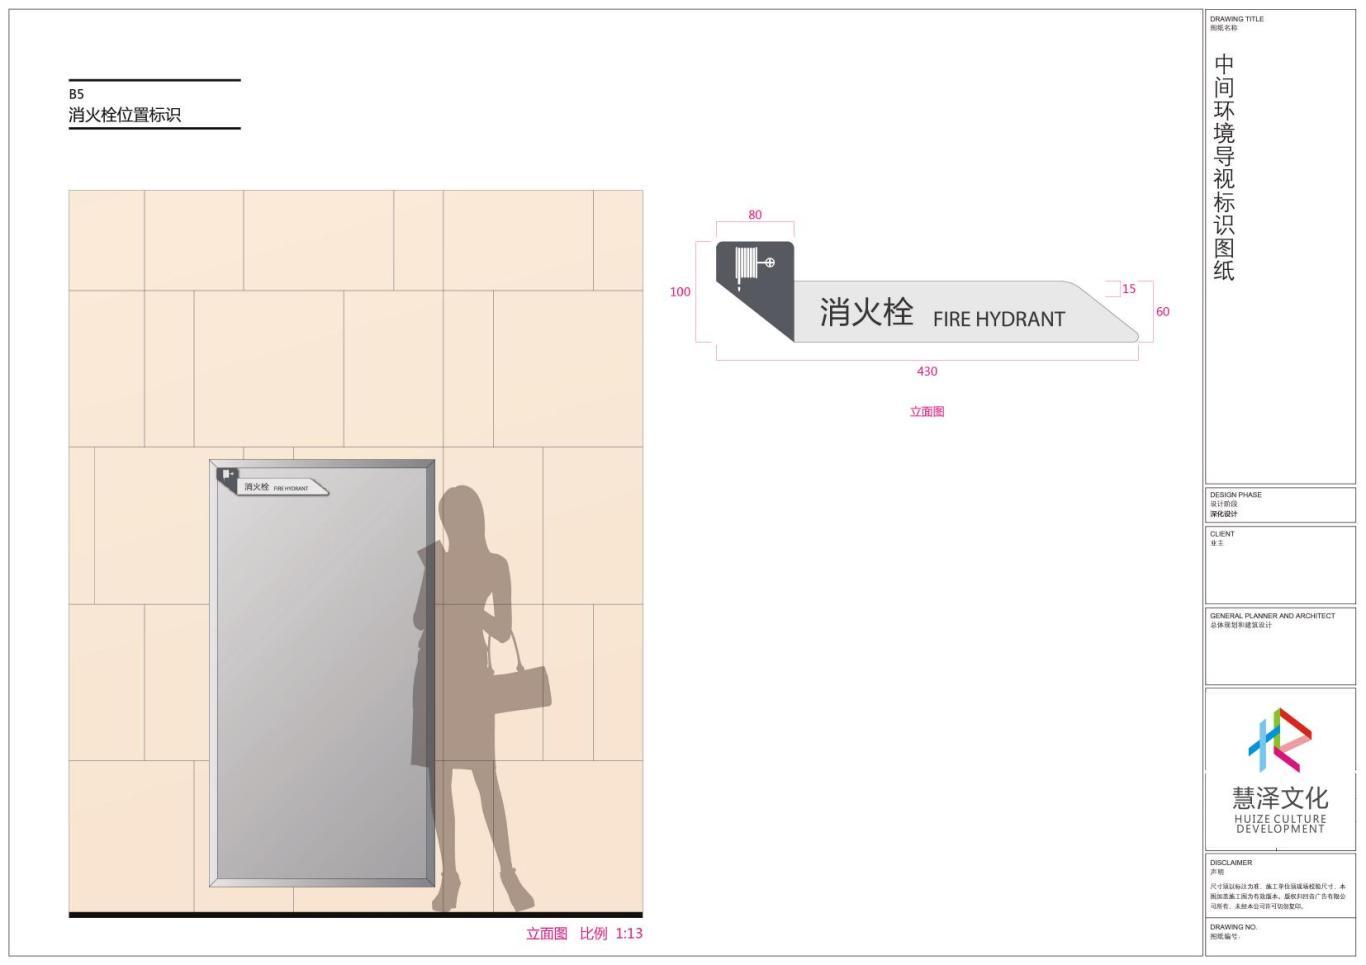 中间坊-商业导视系统深化设计图18